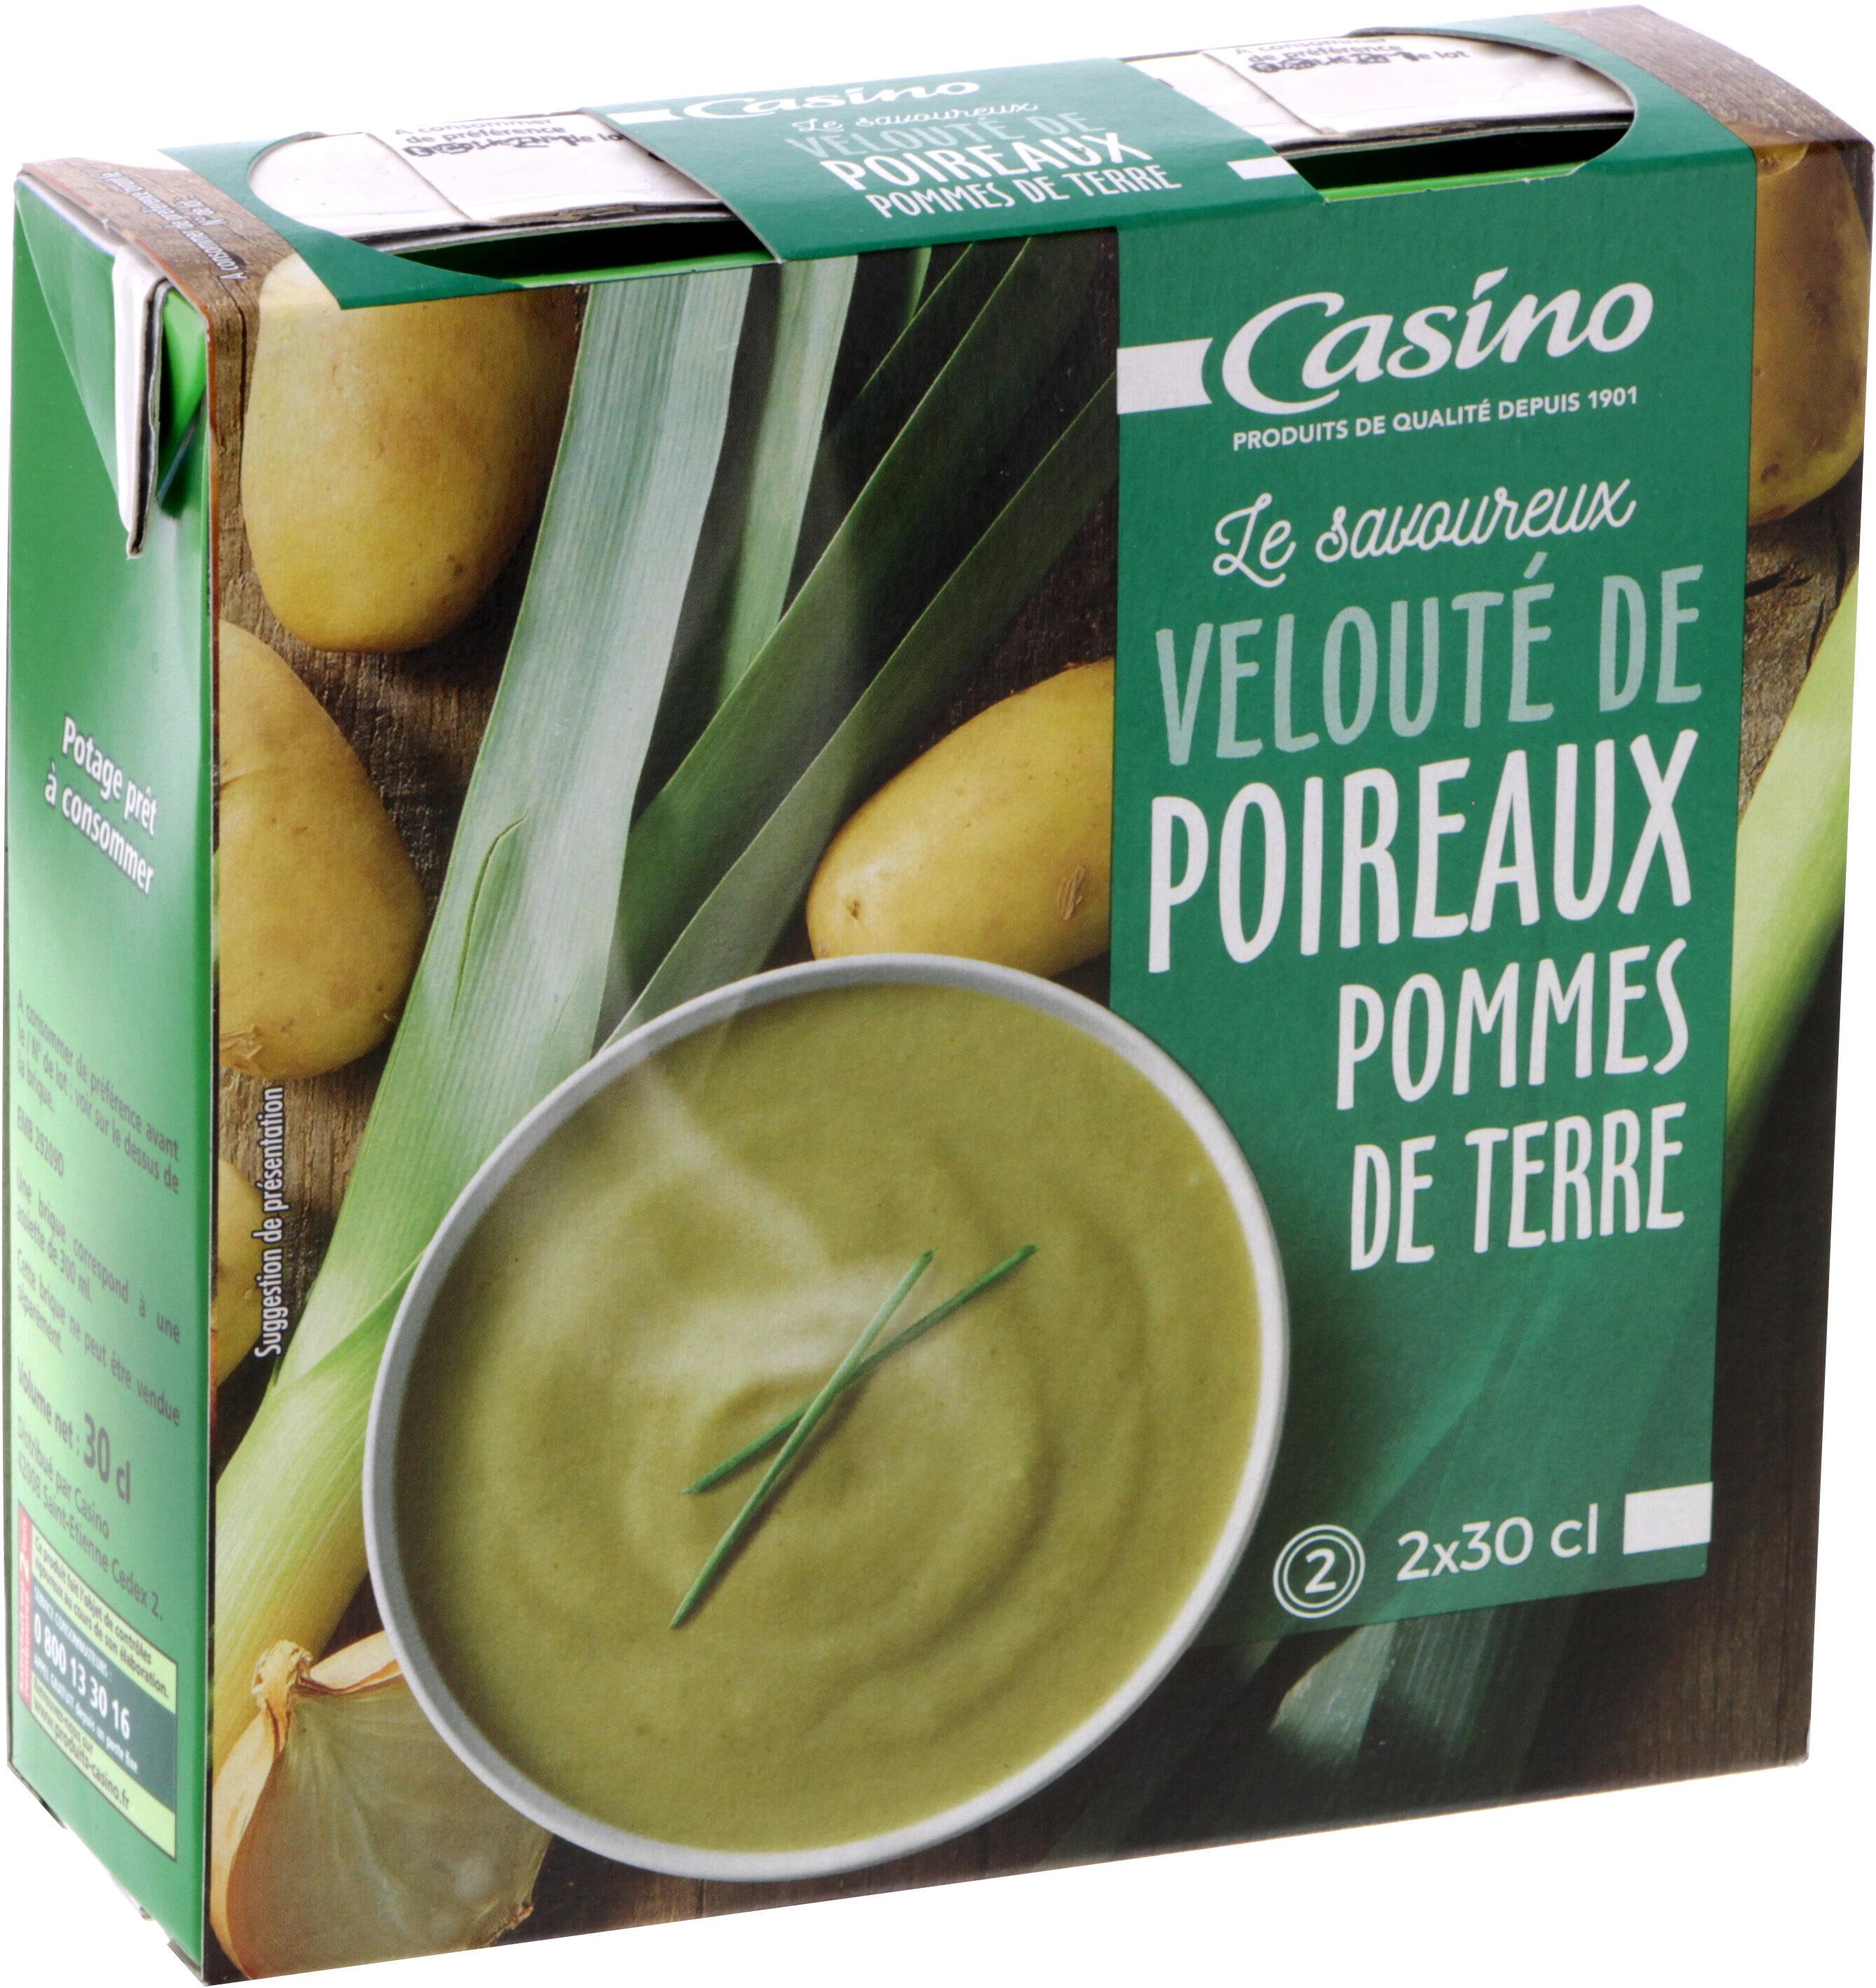 Velouté poireaux pommes de terre - Product